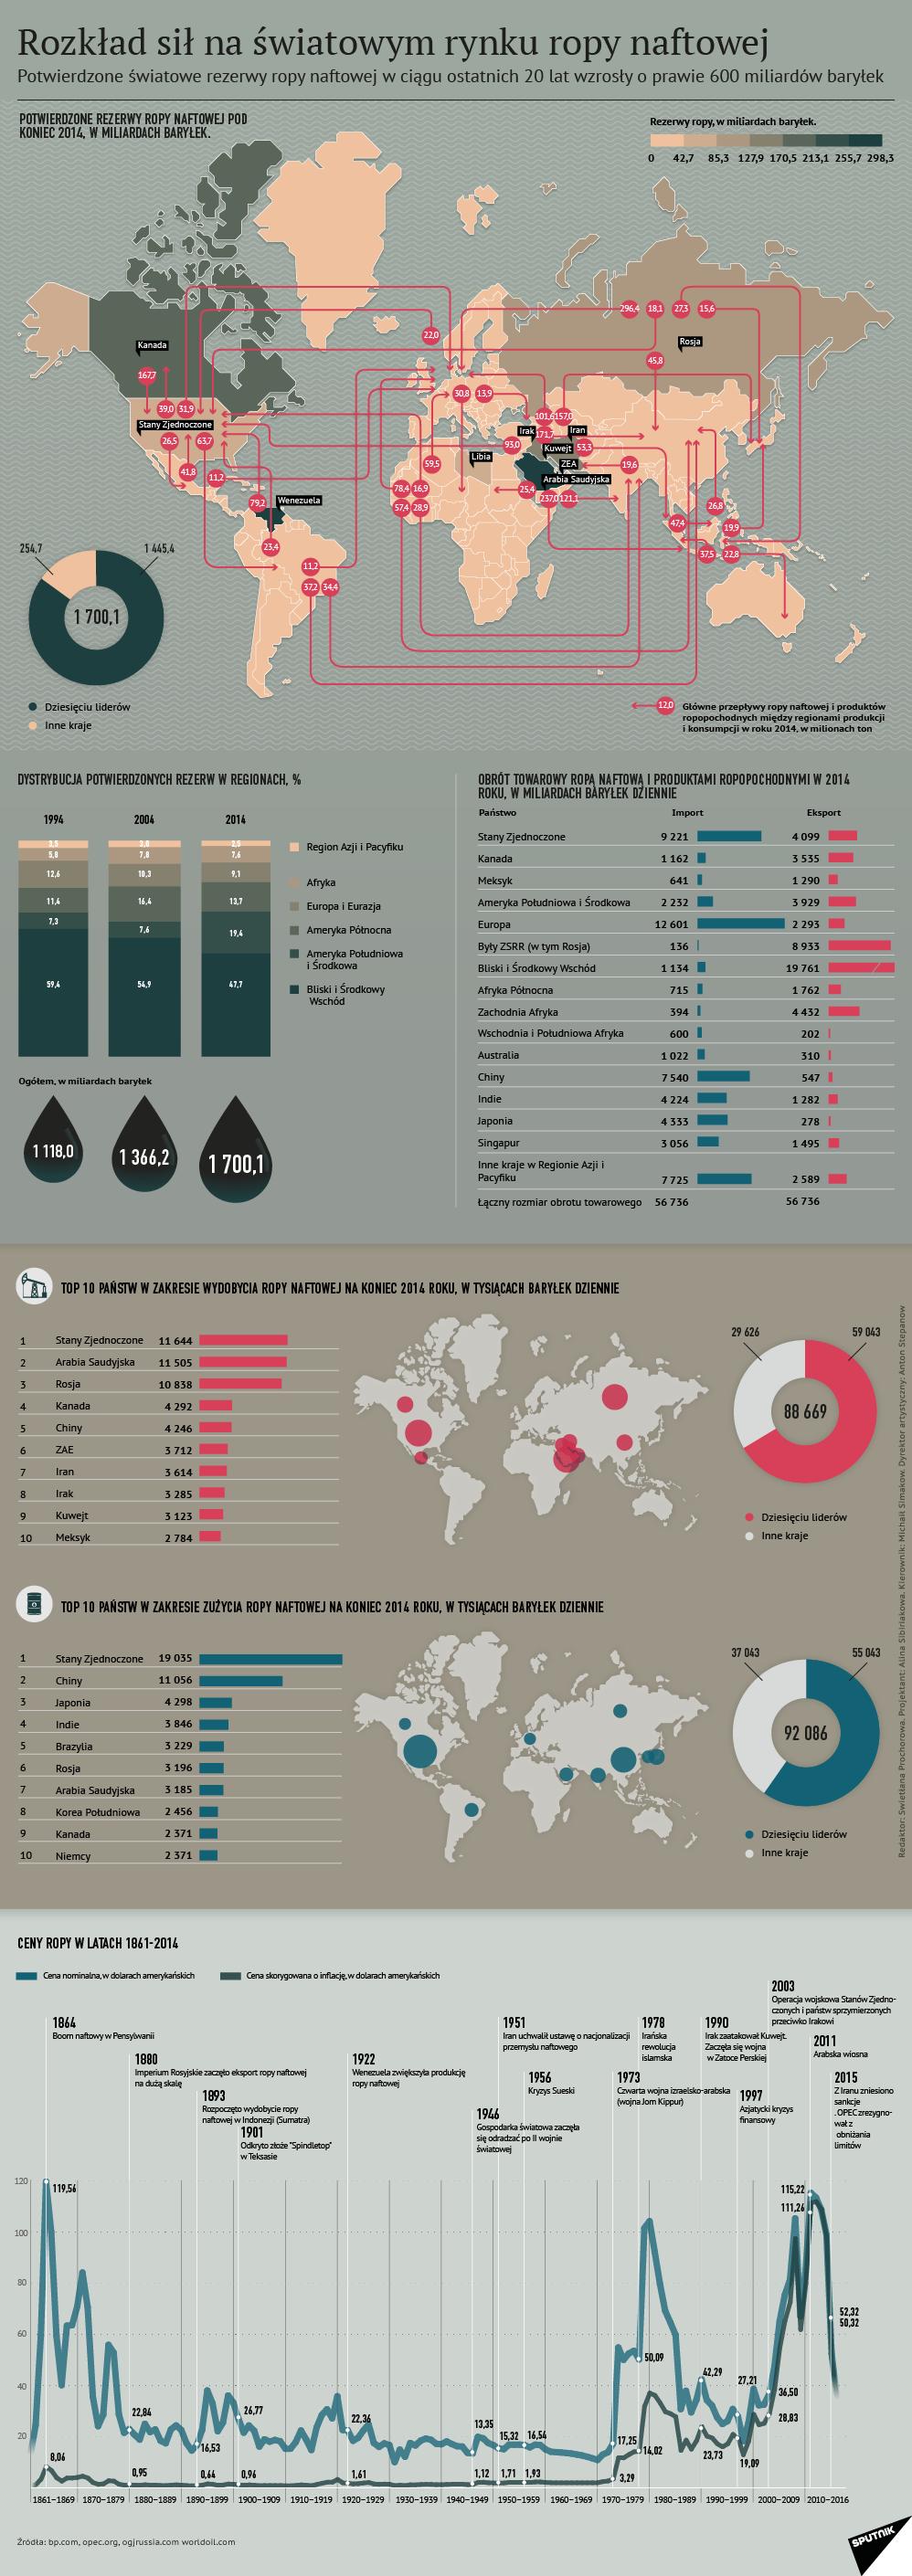 Rozkład sił na światowym rynku ropy naftowej - Sputnik Polska